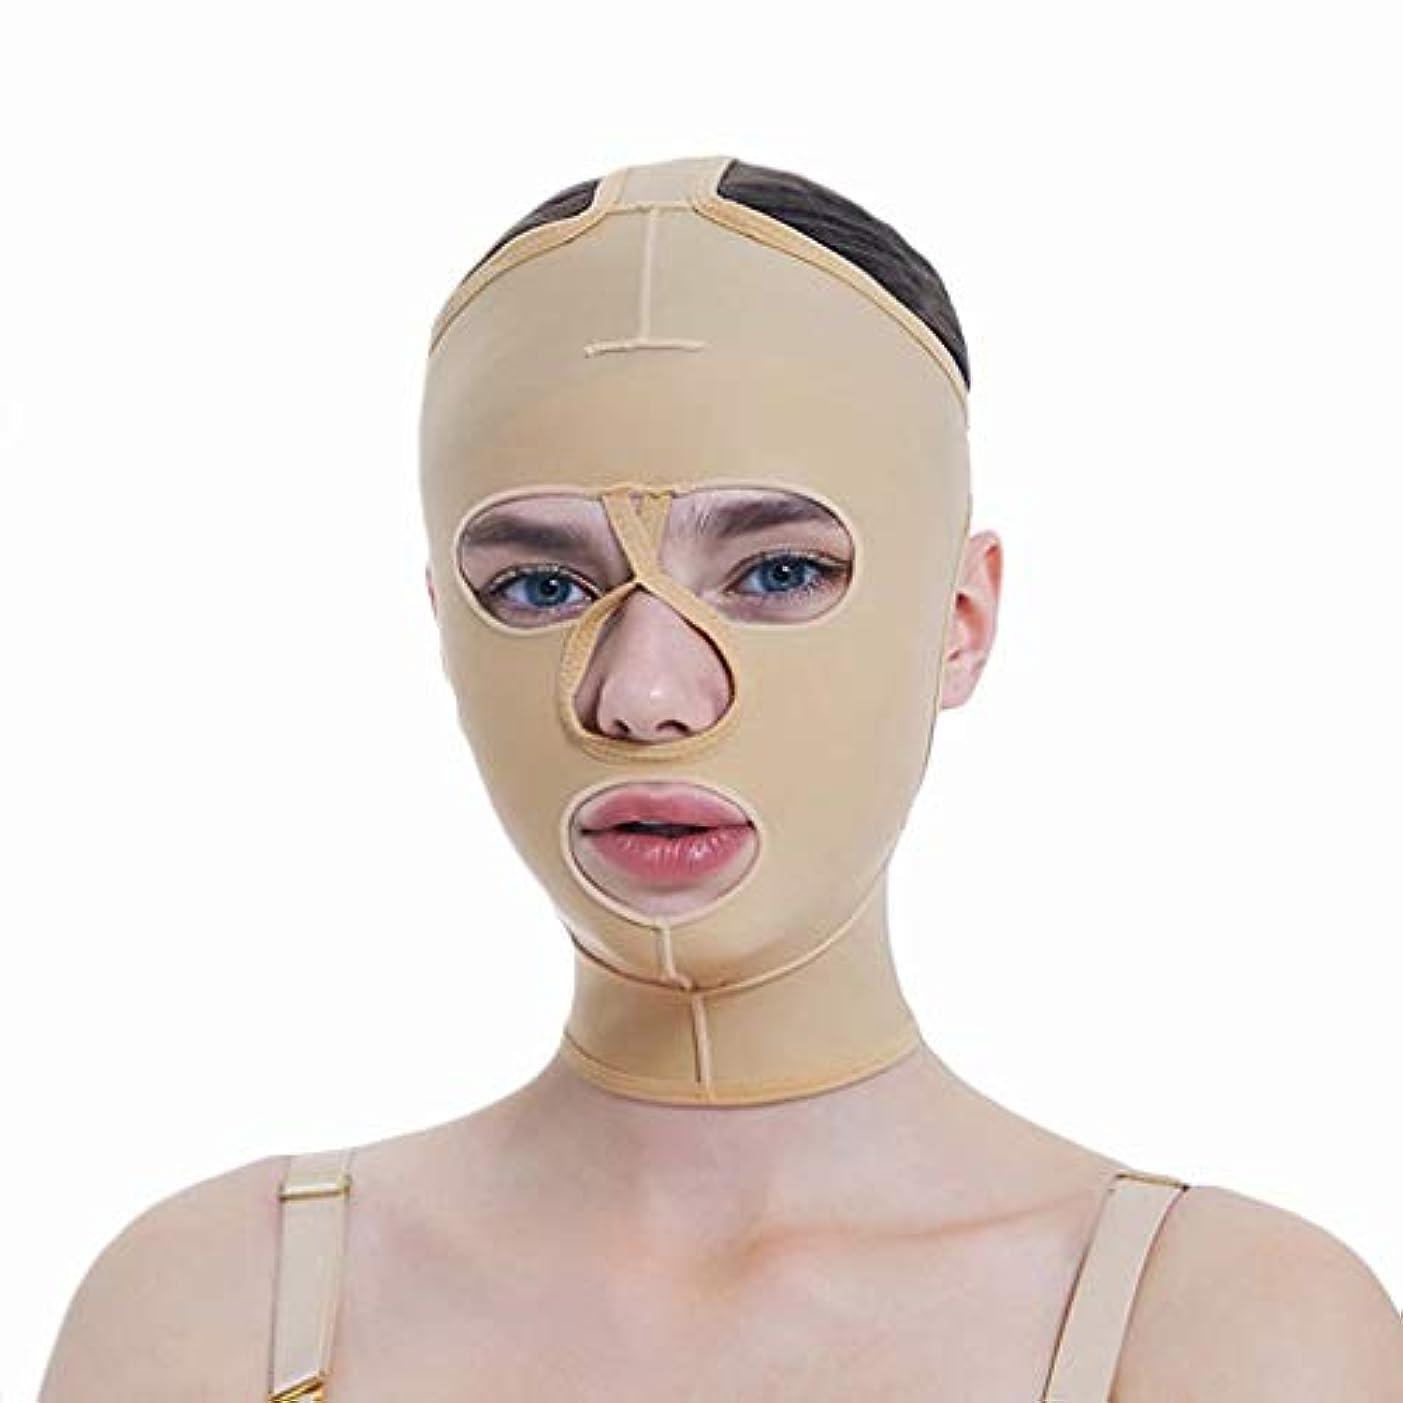 困惑した逆高架フェイシャル減量マスク、フルカバレッジ包帯、フルフェイスリフティングマスク、フェイスマスク、快適で リフティングシェーピング(サイズ:S),ザ?